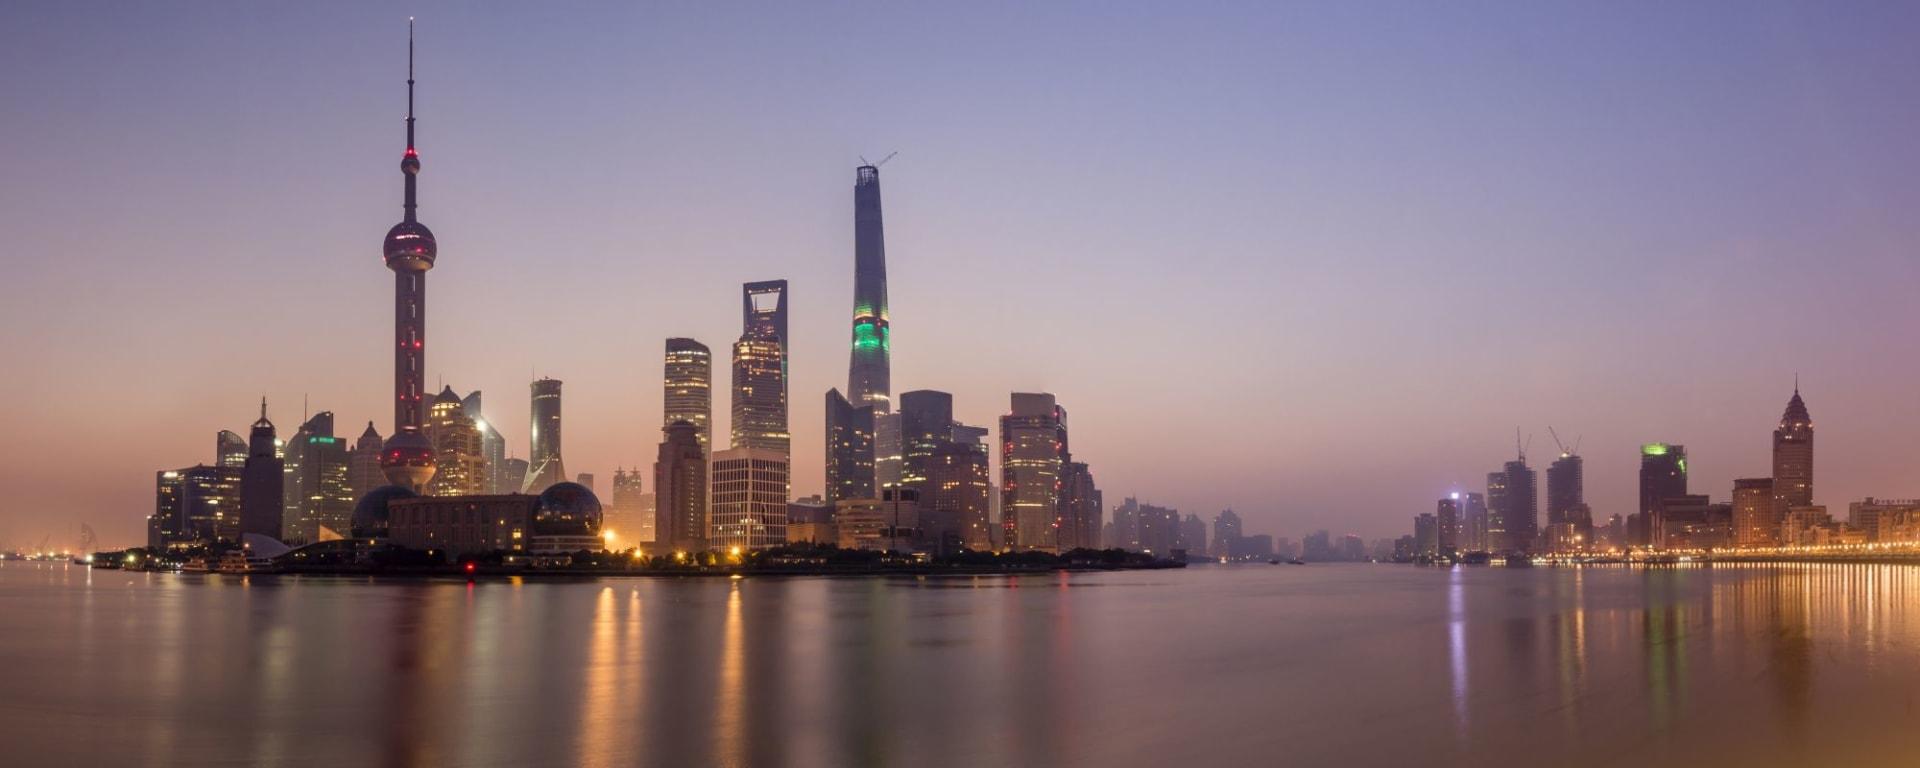 La Chine impériale avec une croisière sur le Yangtsé de Pékin: Shanghai